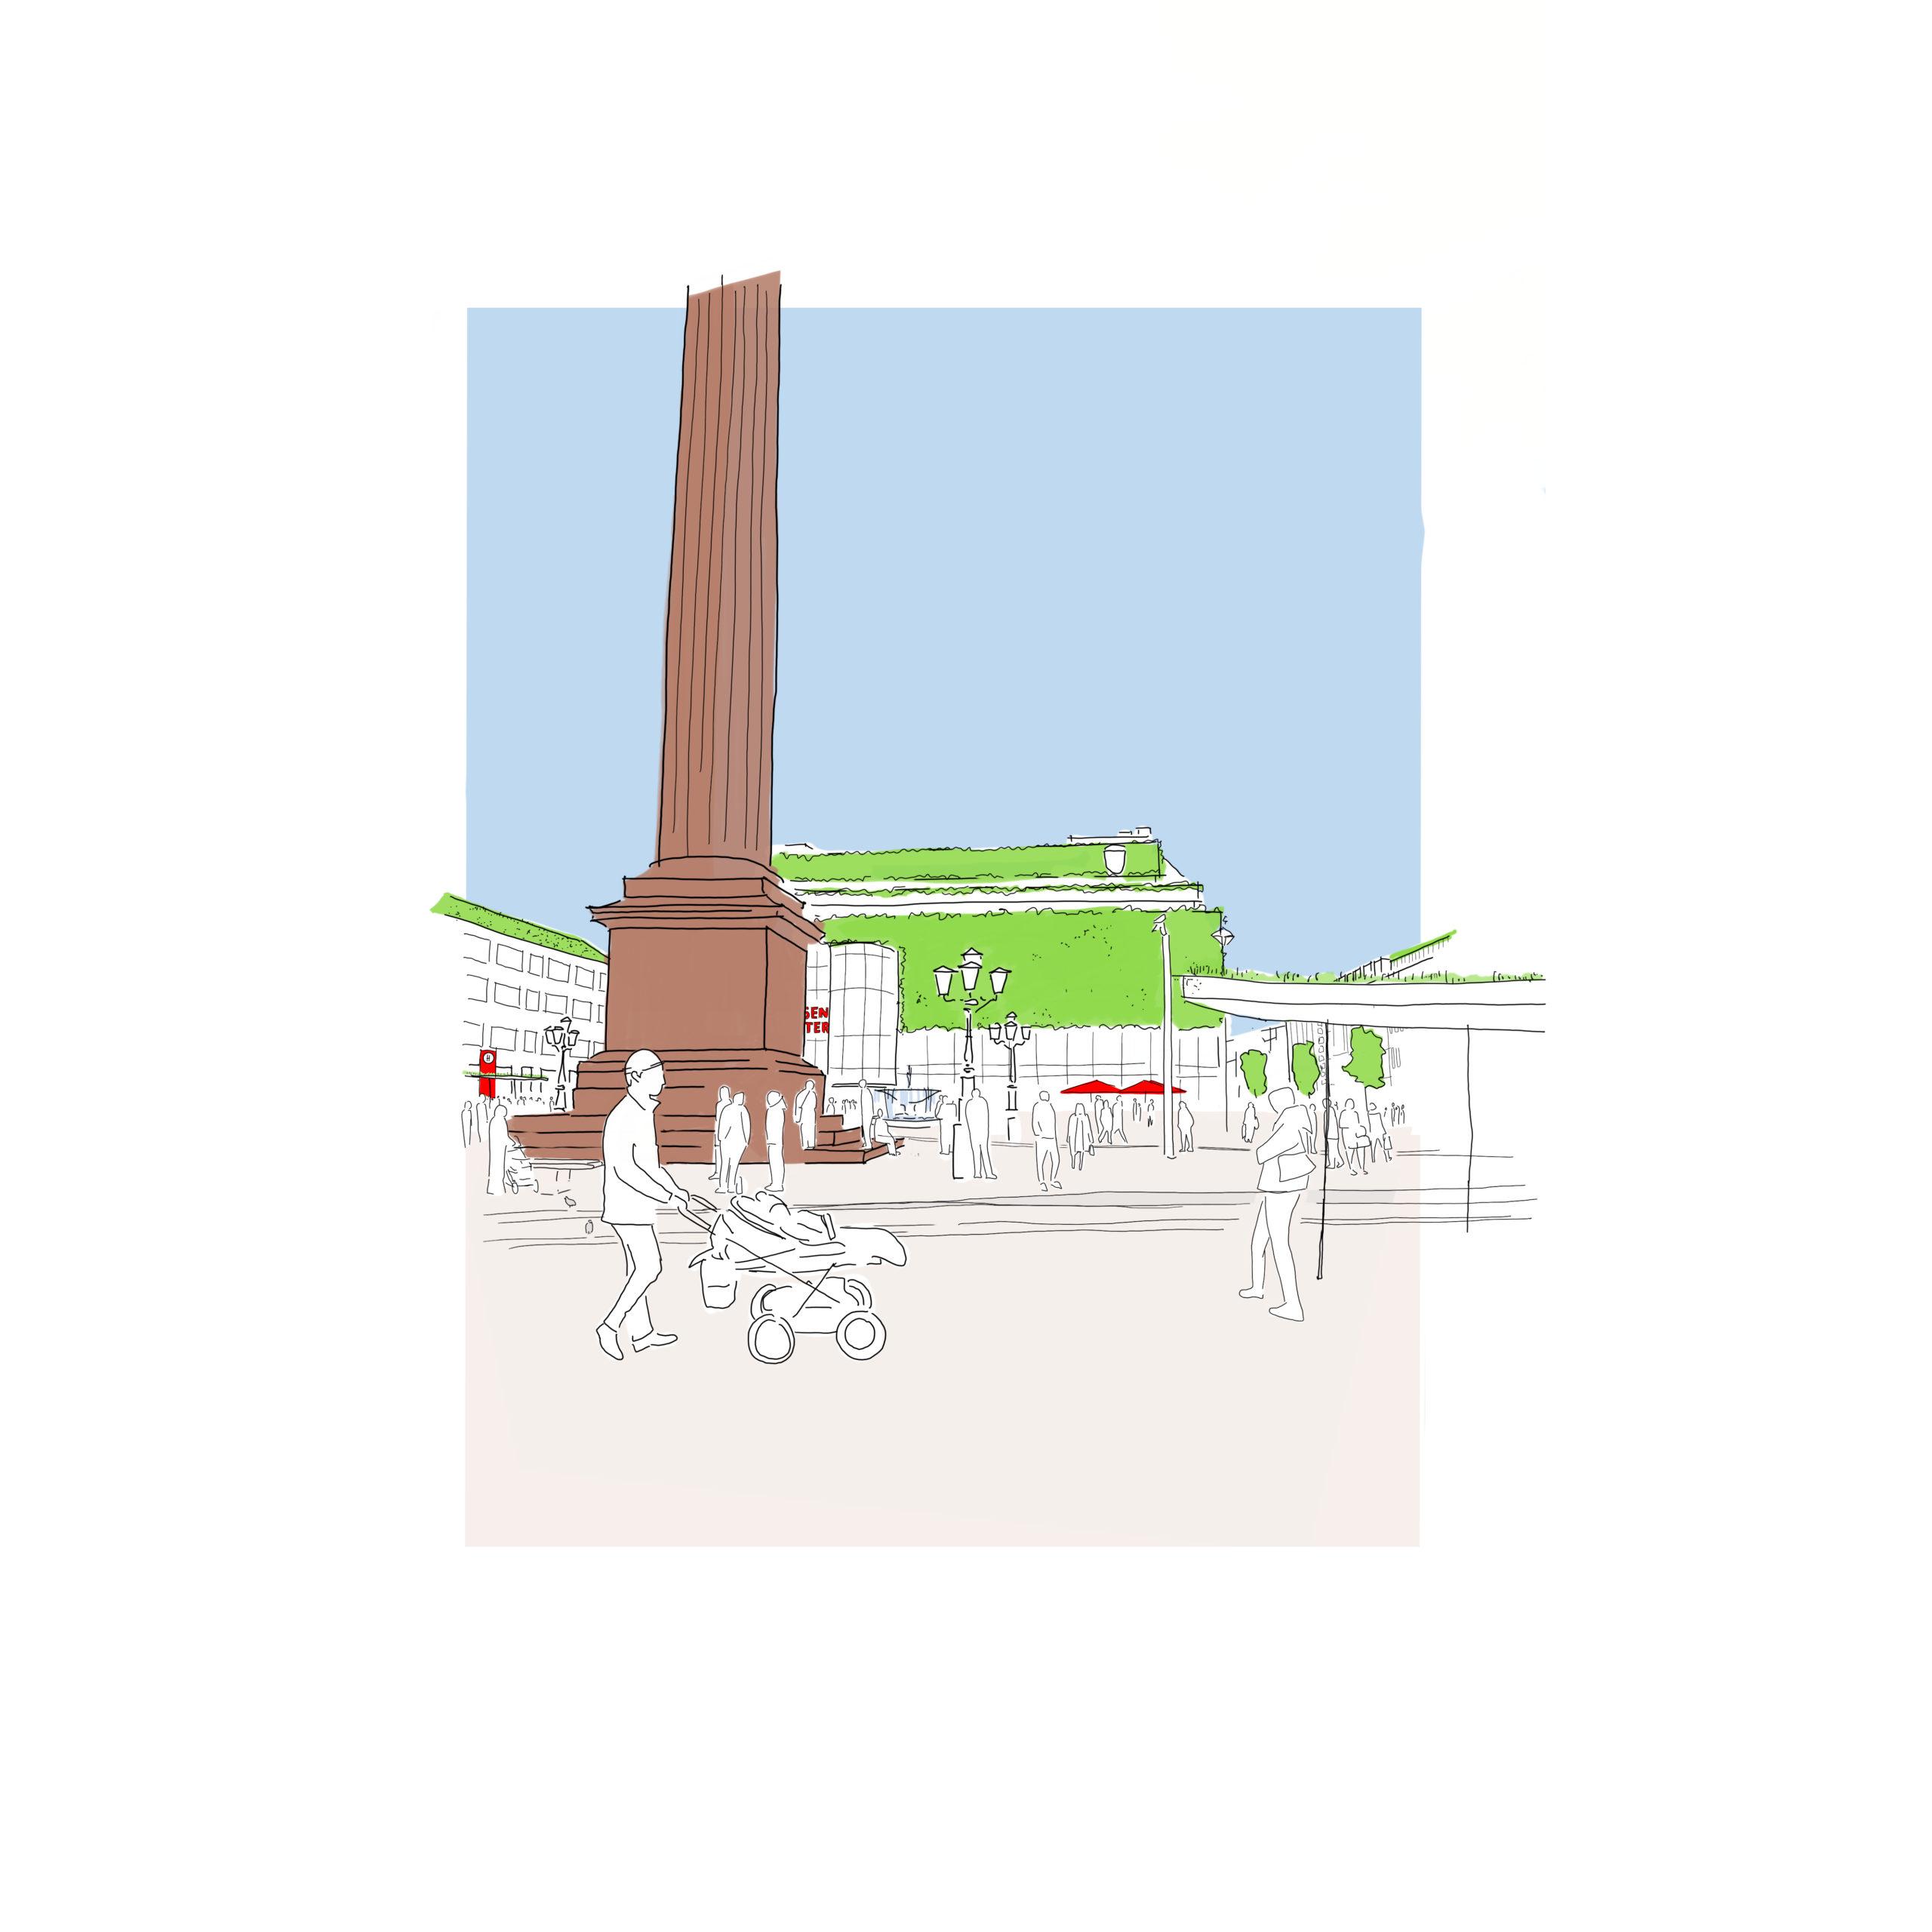 Neuer-Luisenplatz-rechteckiger-Rand